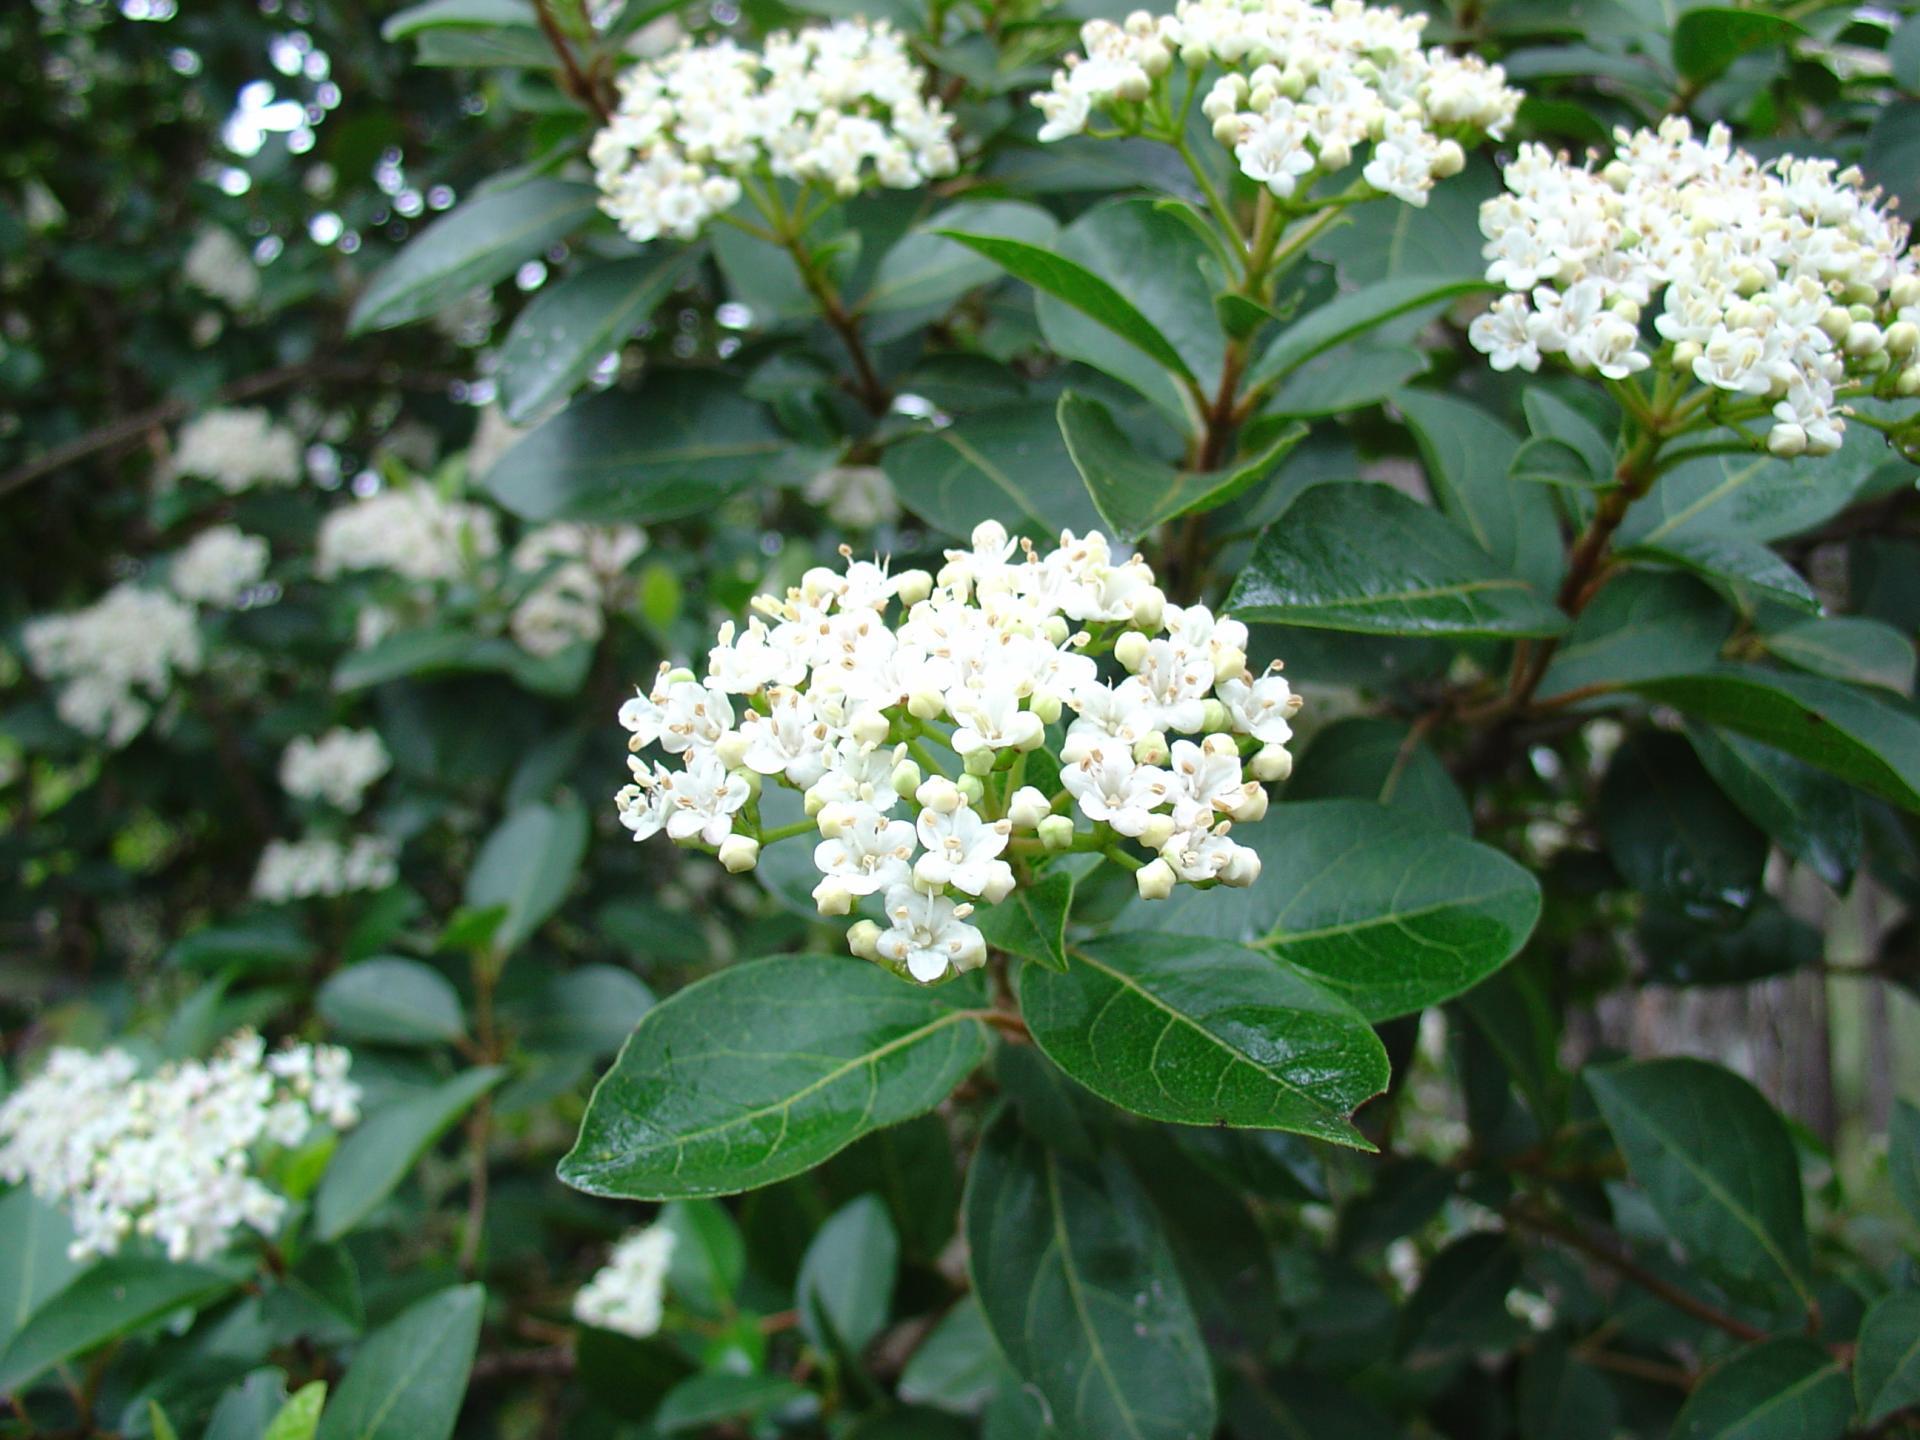 Taille Du Laurier Tin le laurier-tin, un bel arbuste pour l'hiver